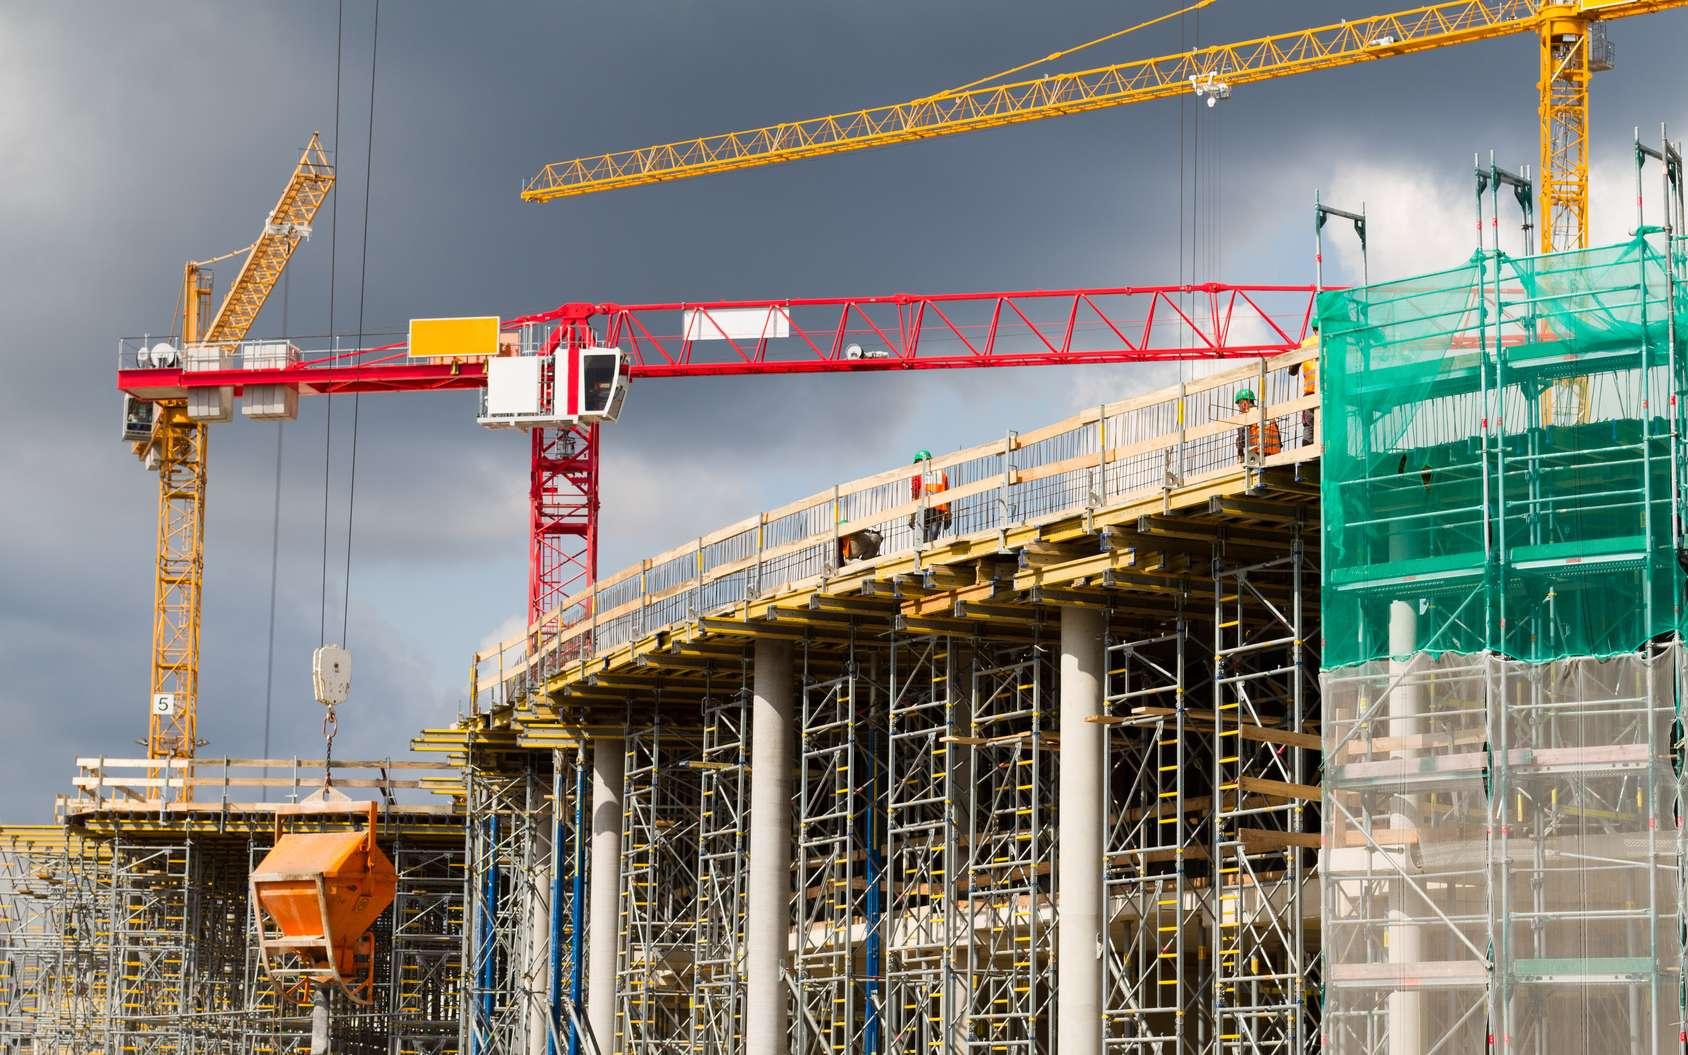 L'ingénieur en génie civil assure la construction ou la réhabilitation des ouvrages d'art utiles à la population, qu'il s'agisse de pont, de gratte-ciel, de réseau ferré, de station d'épuration... © Ulf Dressen, Fotolia.